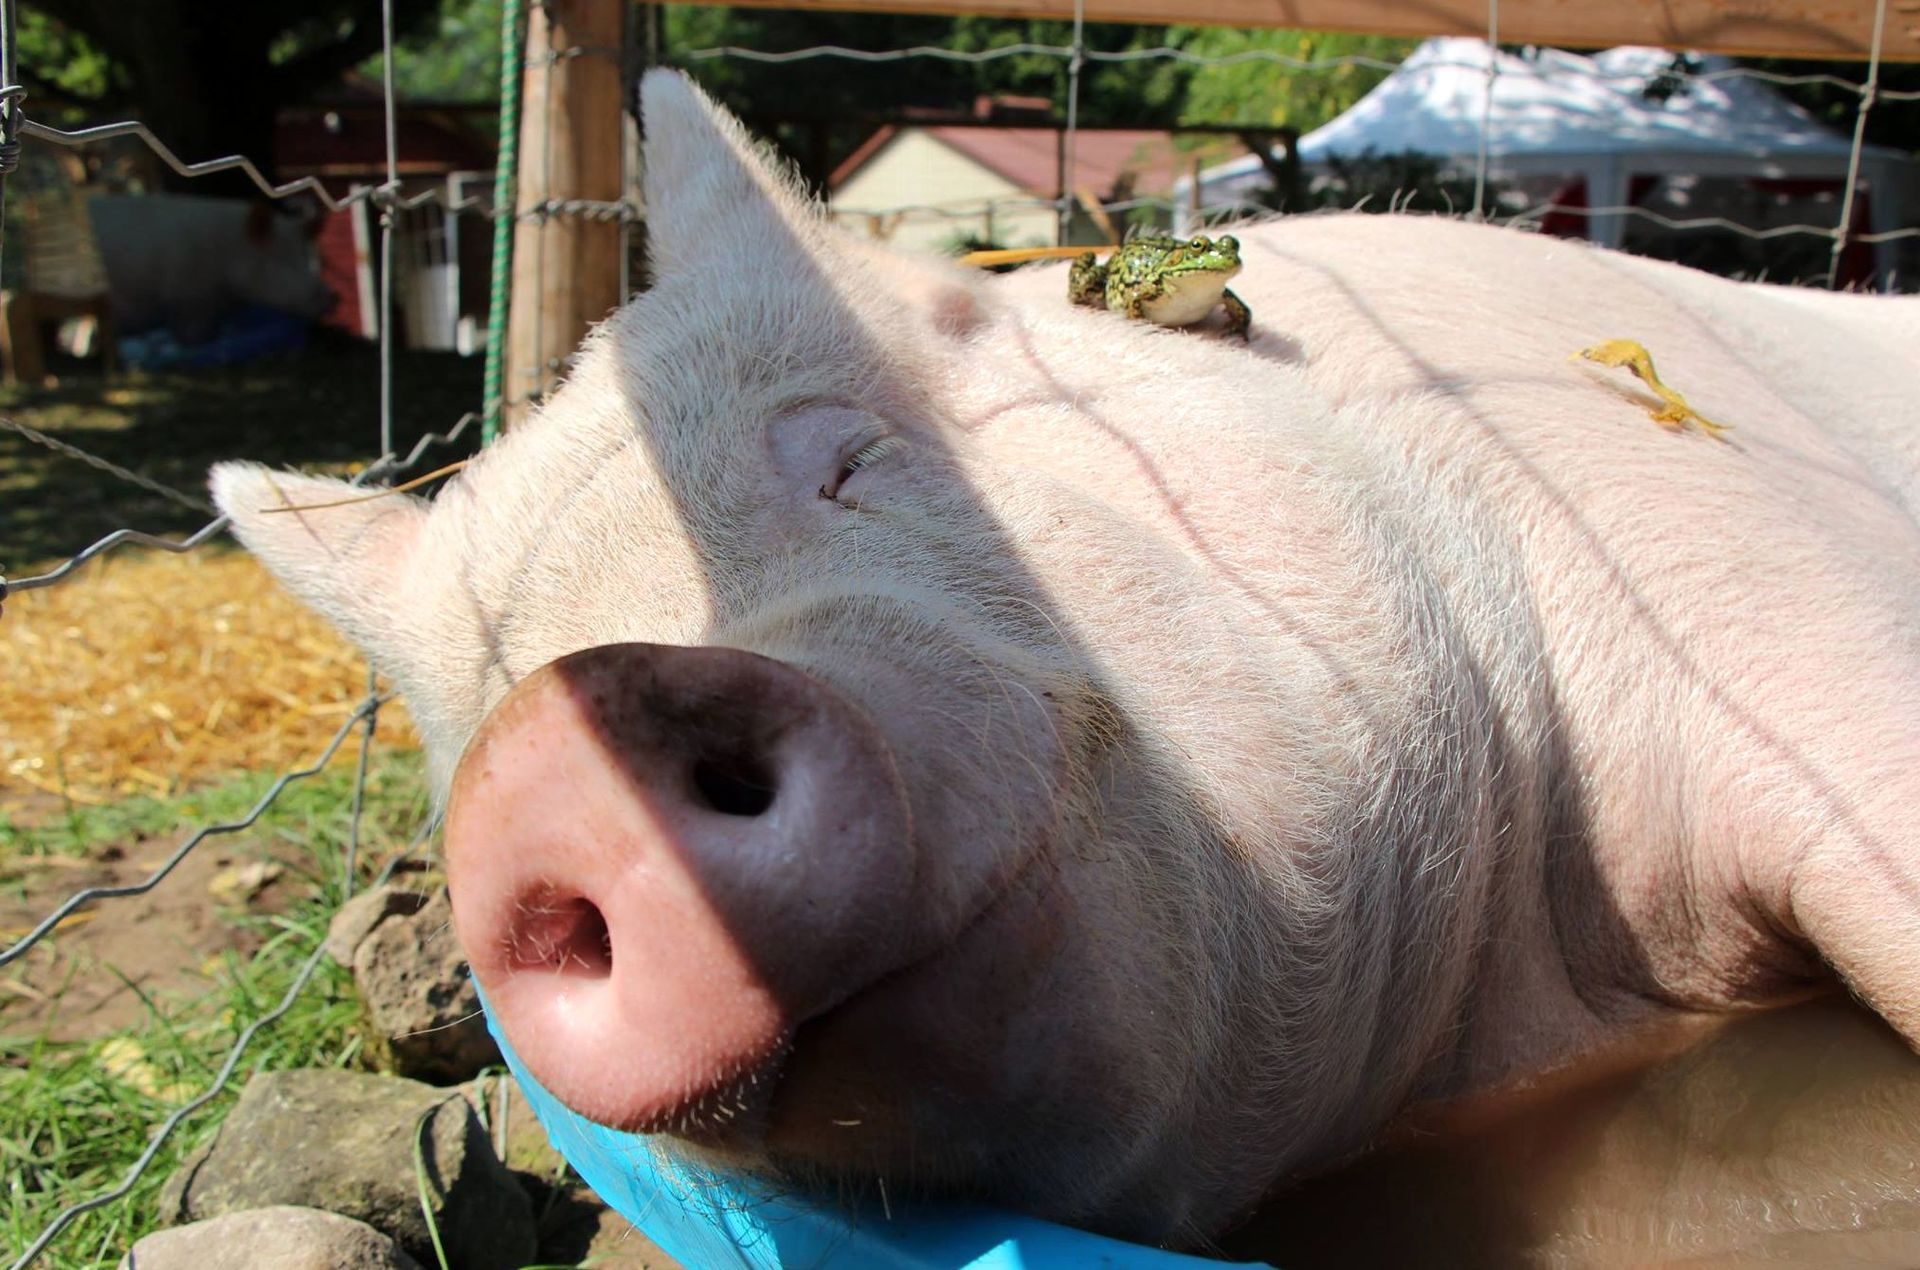 мастер-классы, жирная свинья смешные картинки материал